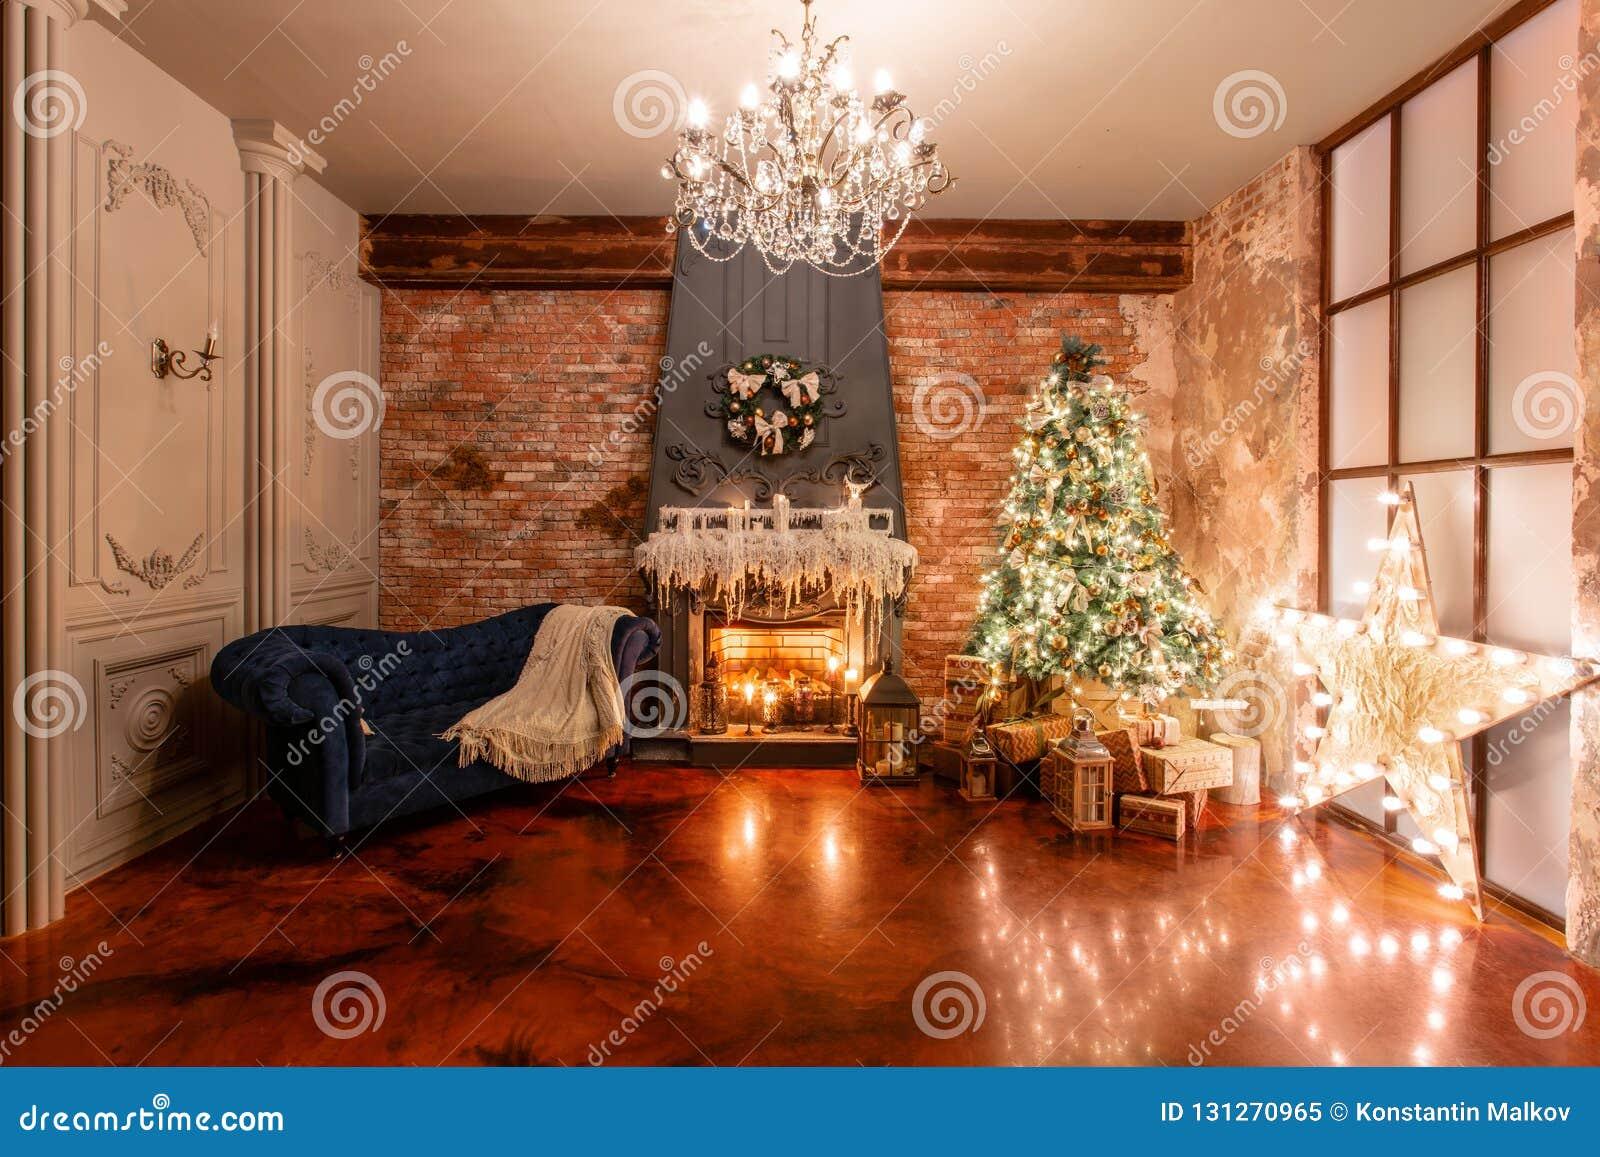 Stechpalmebeeren, Blätter, Mistel und schneebedeckter Baum auf Weiß Weihnachten im Dachbodeninnenraum gegen Backsteinmauer Gesche